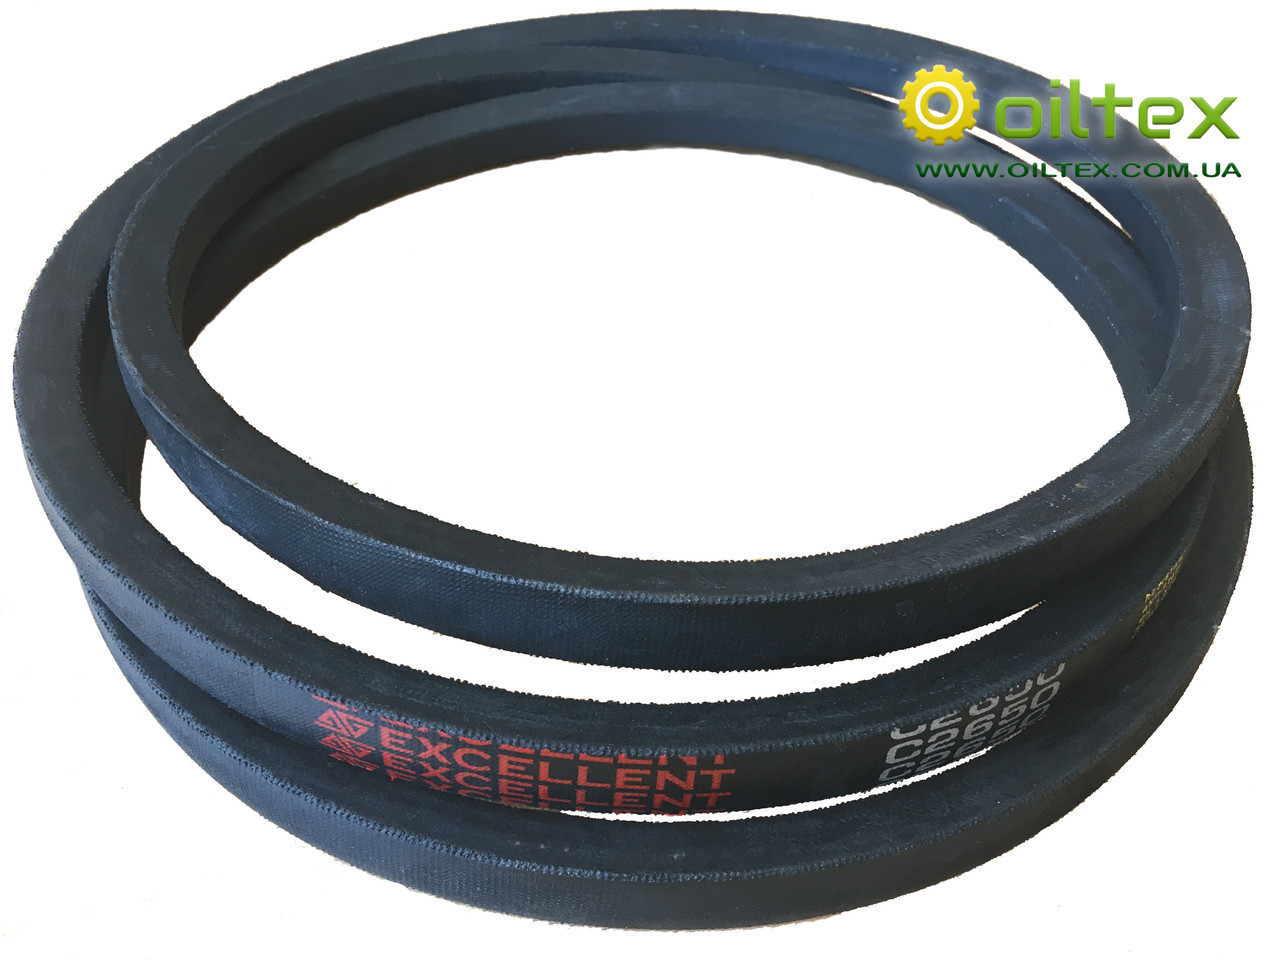 Ремень приводный УВ(SPС)-7100 Excellent